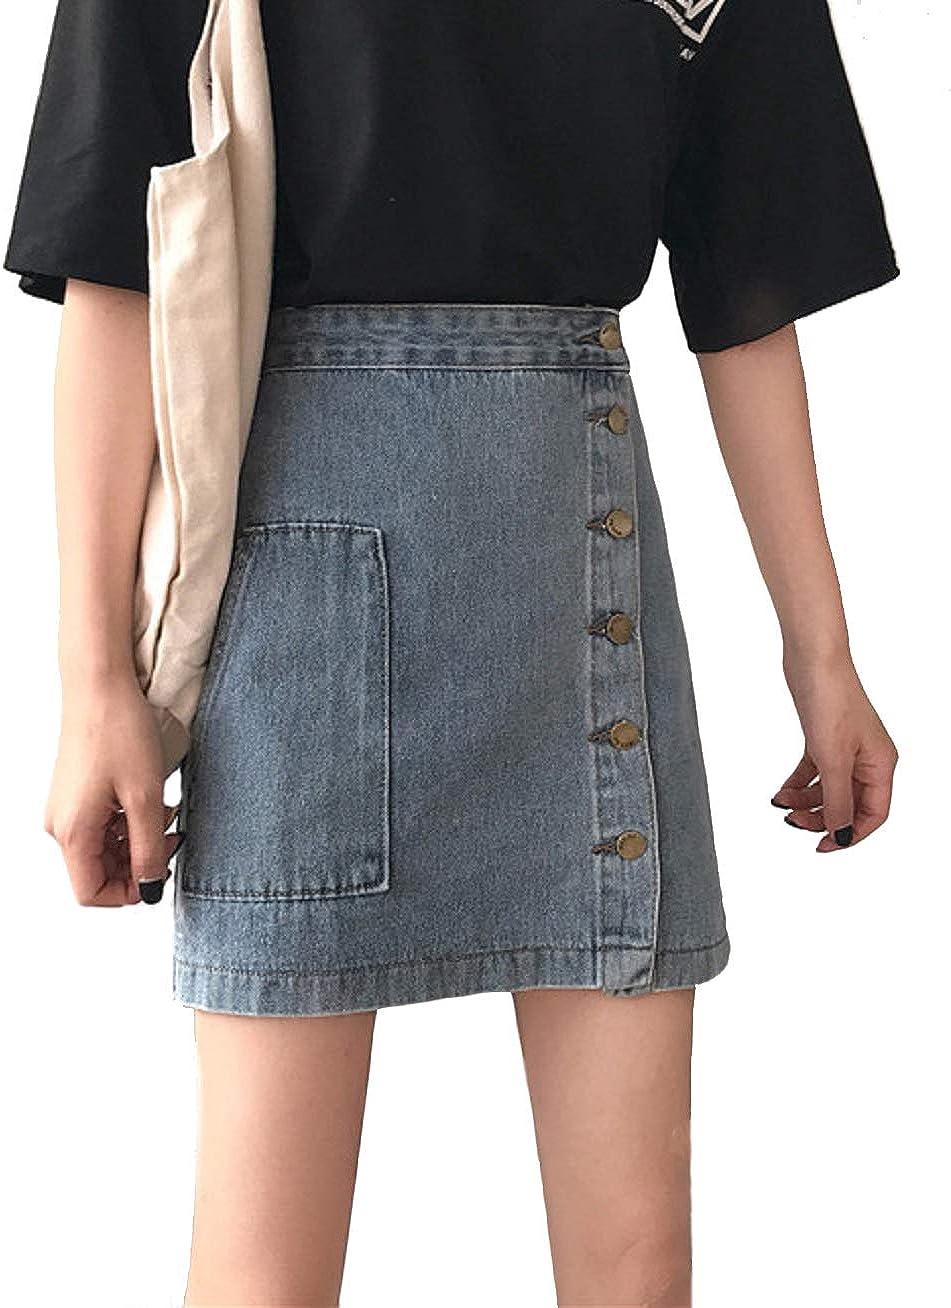 CHARTOU Women's Casual High Waist Side Button Packaged Hip A Line Short Denim Skirt